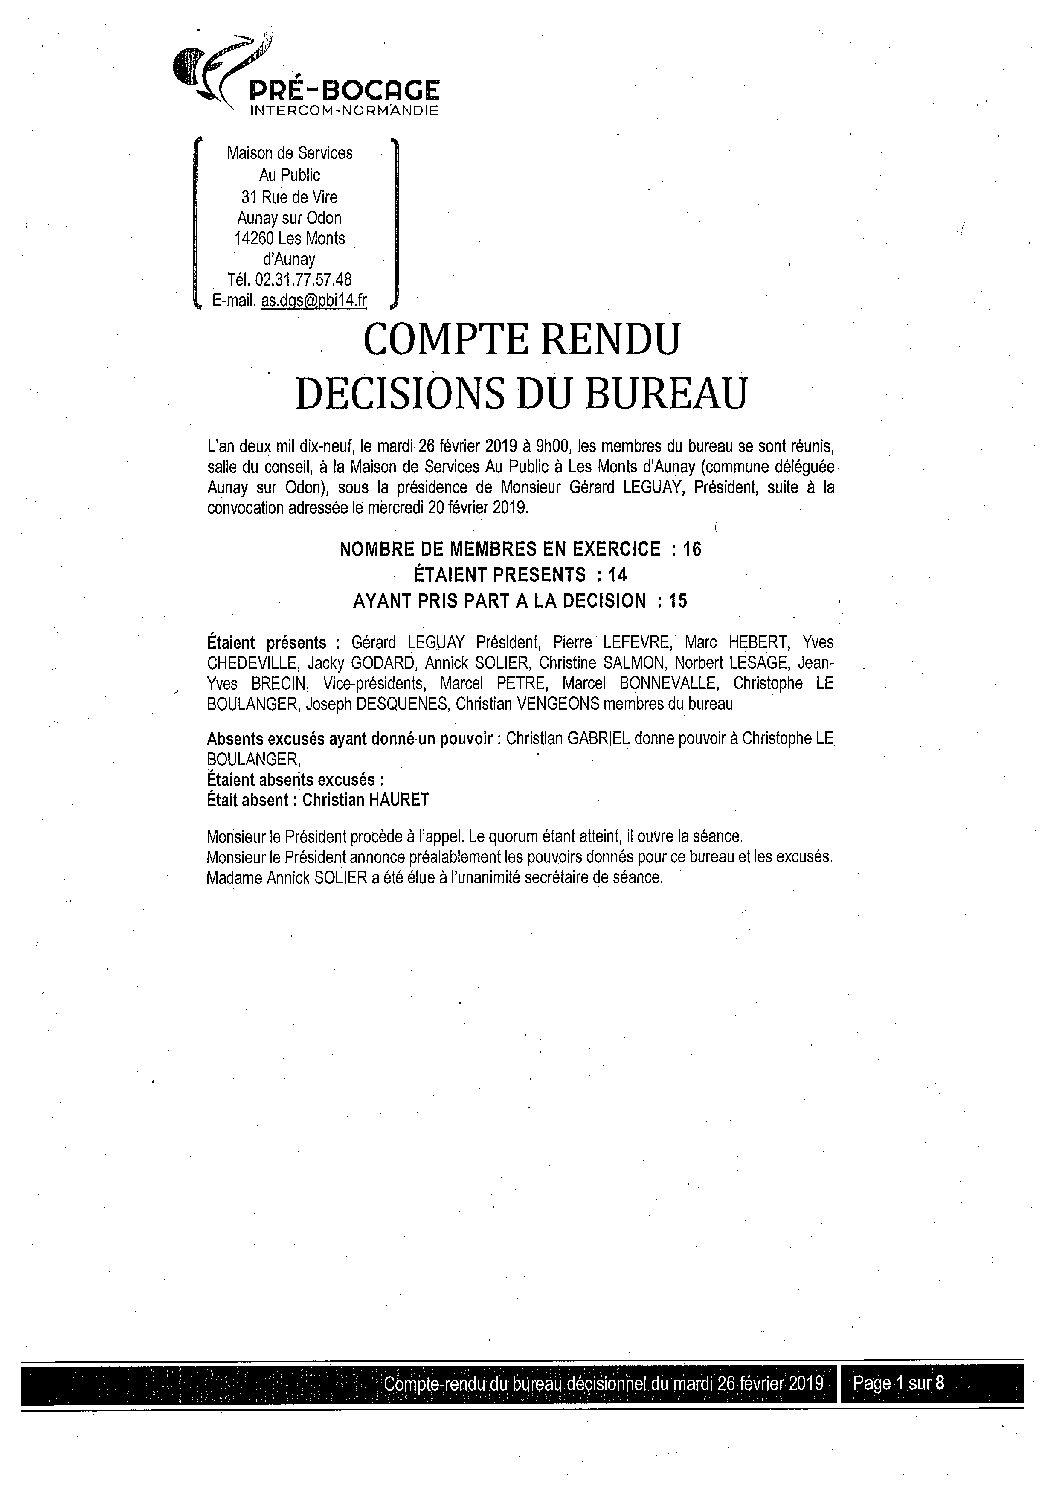 CR Bureau du 26 février 2019